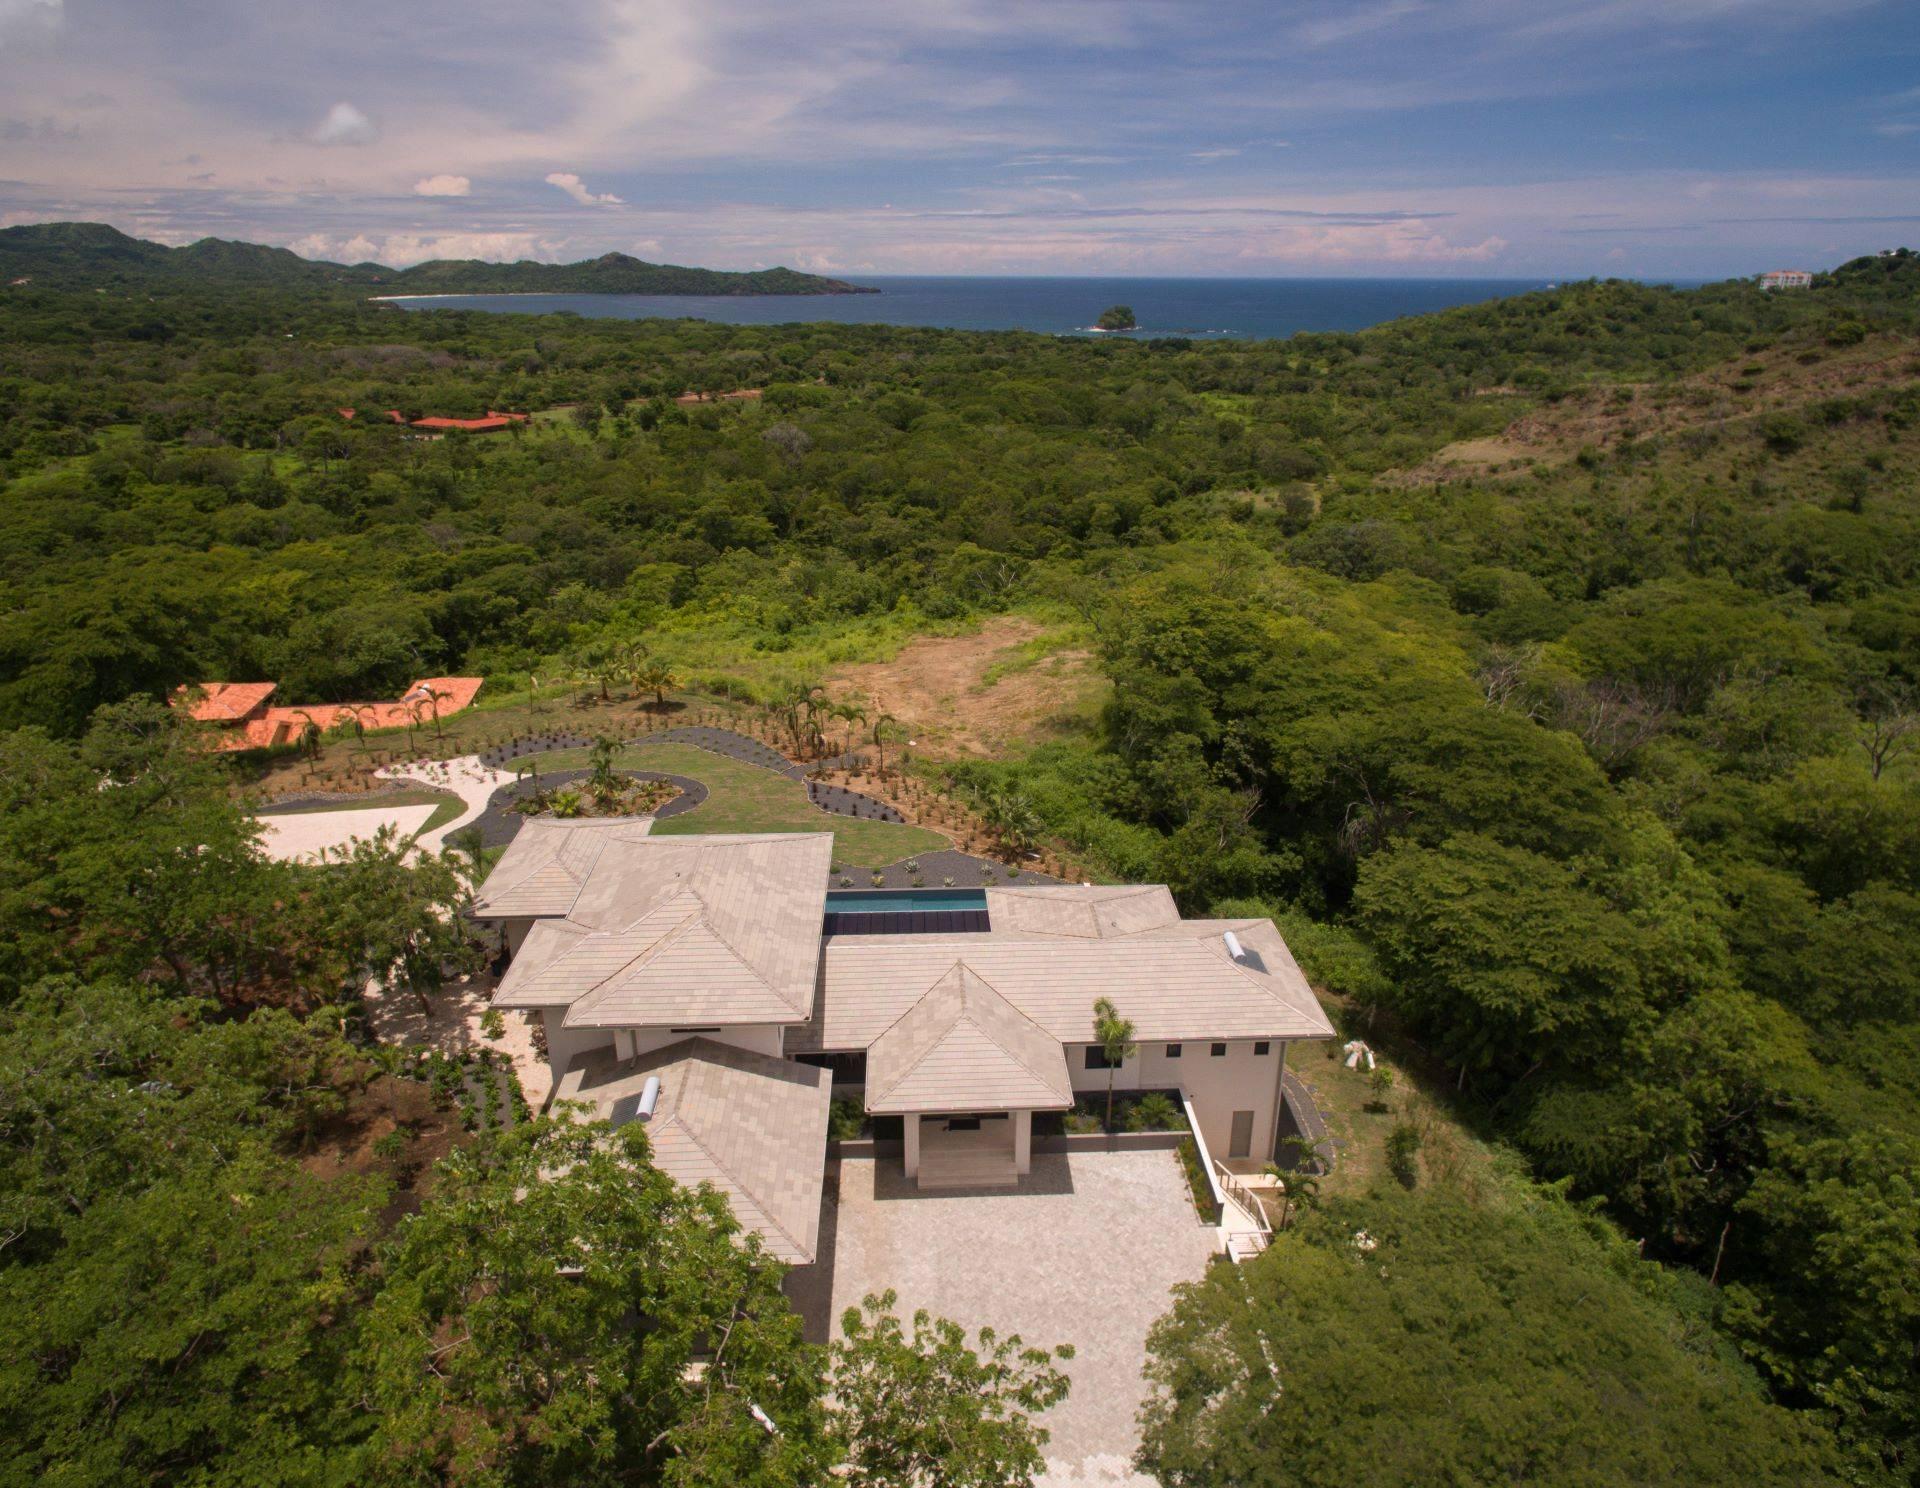 Villa Tropical | Costa Rica Real Estate and Rentals